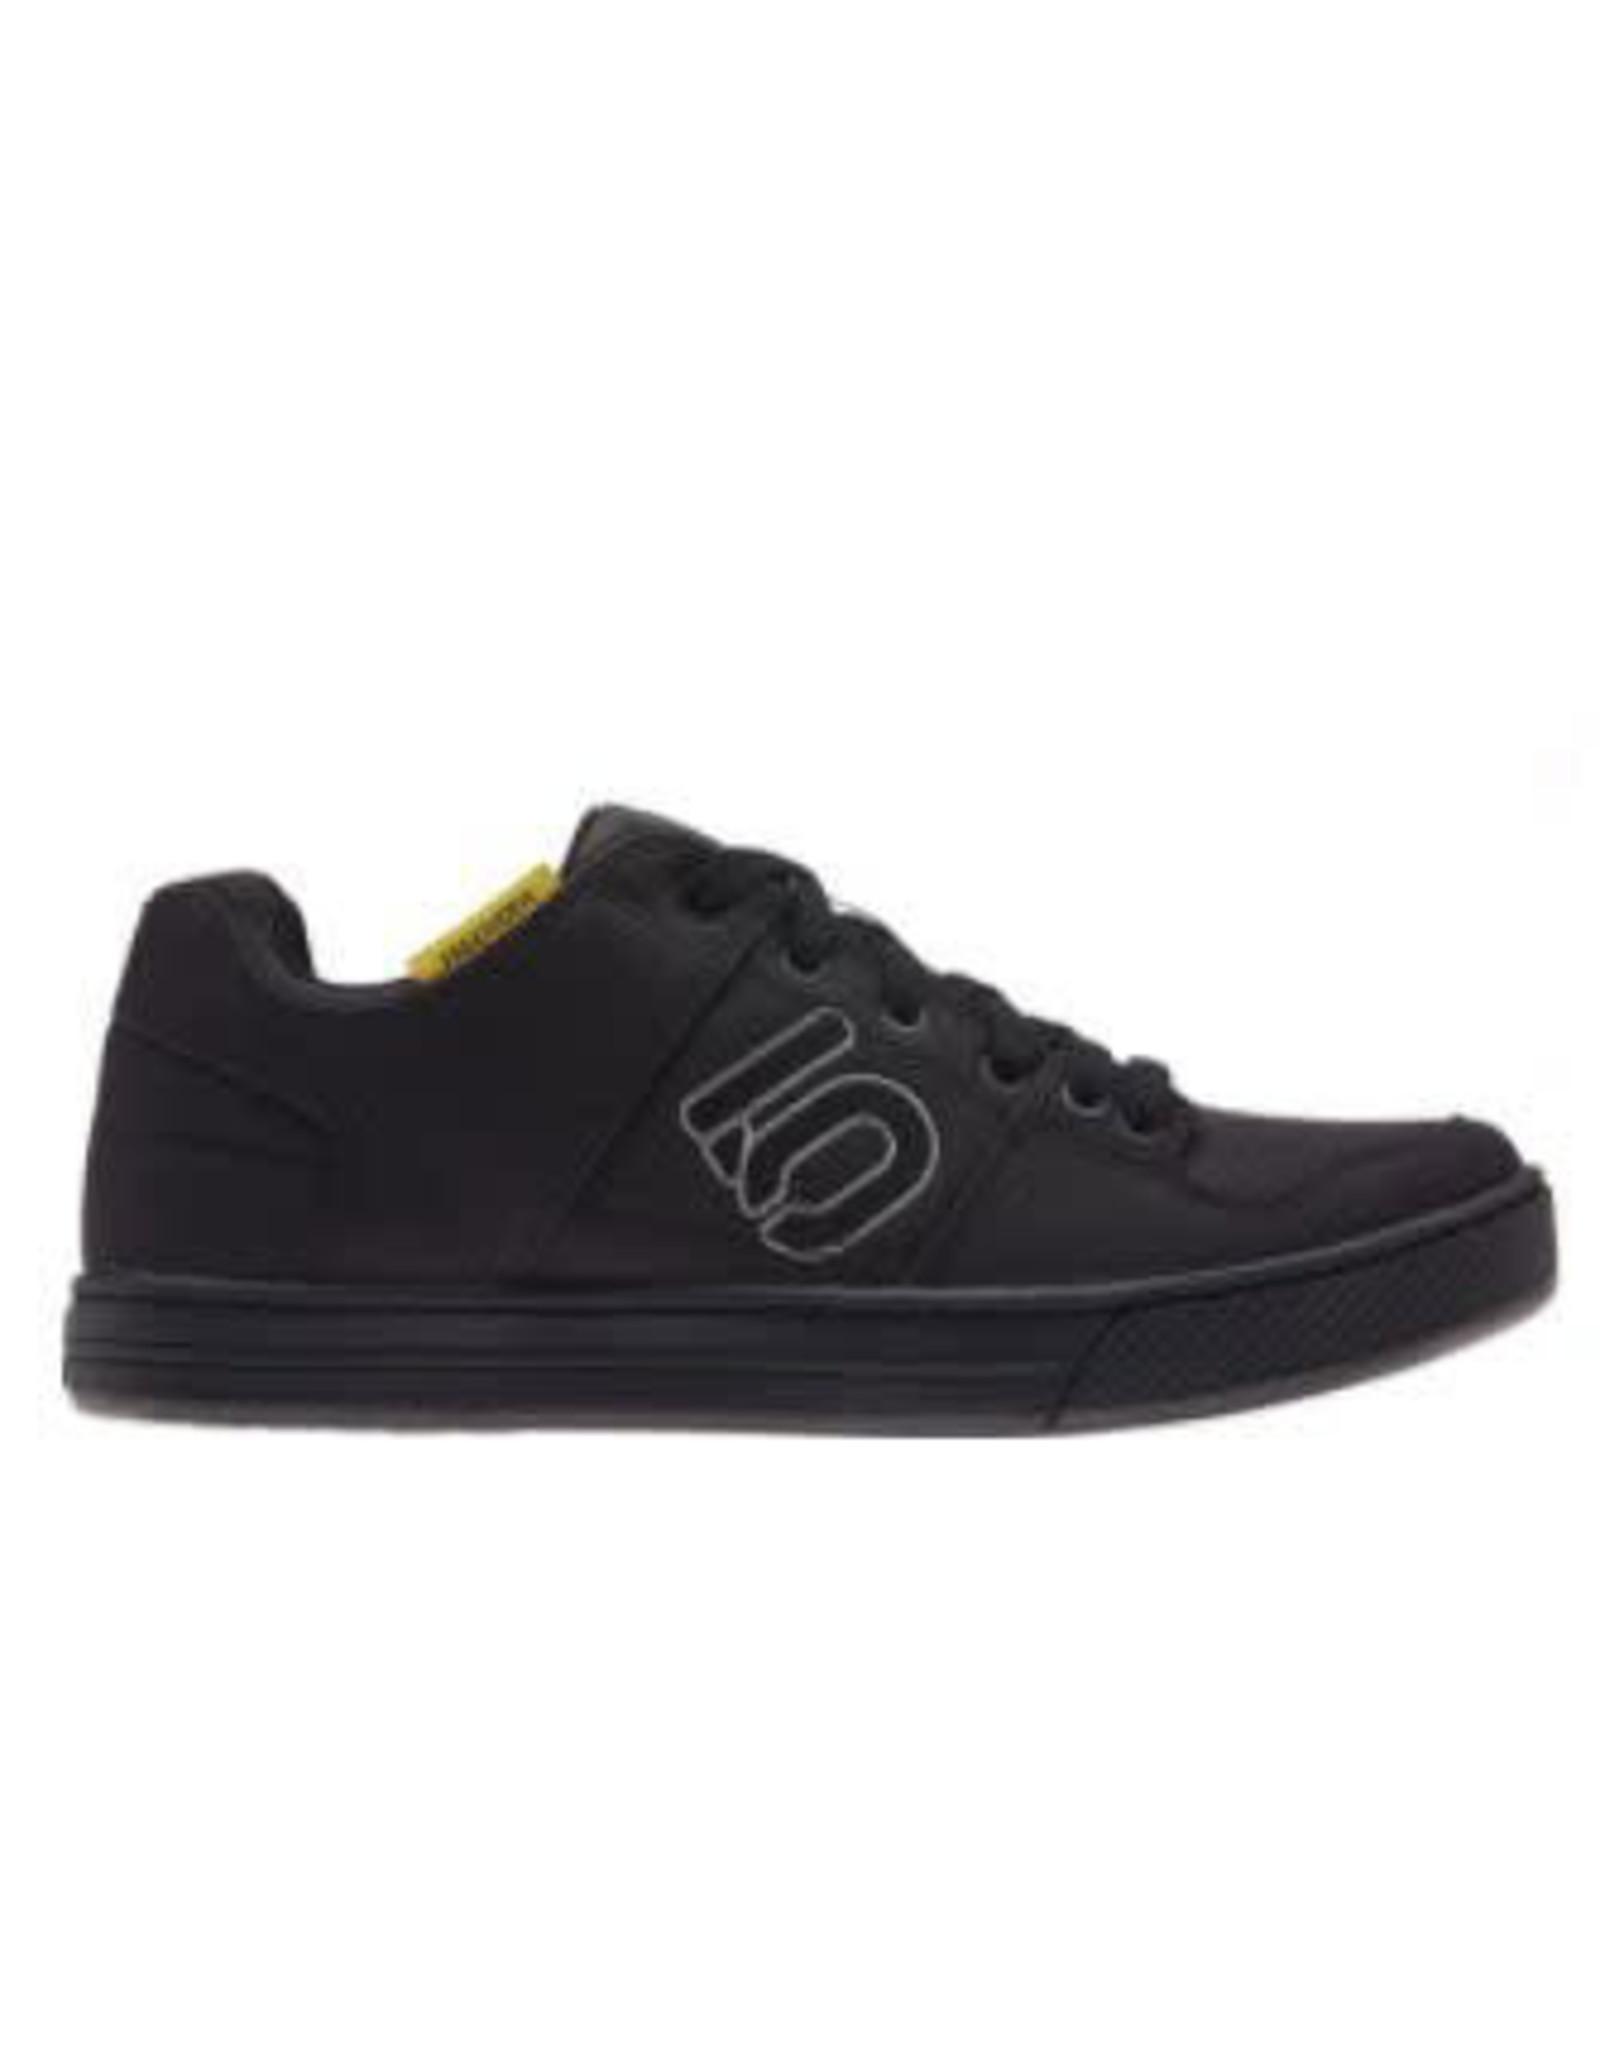 Five Ten Fiveten Freerider Primeblue Shoes